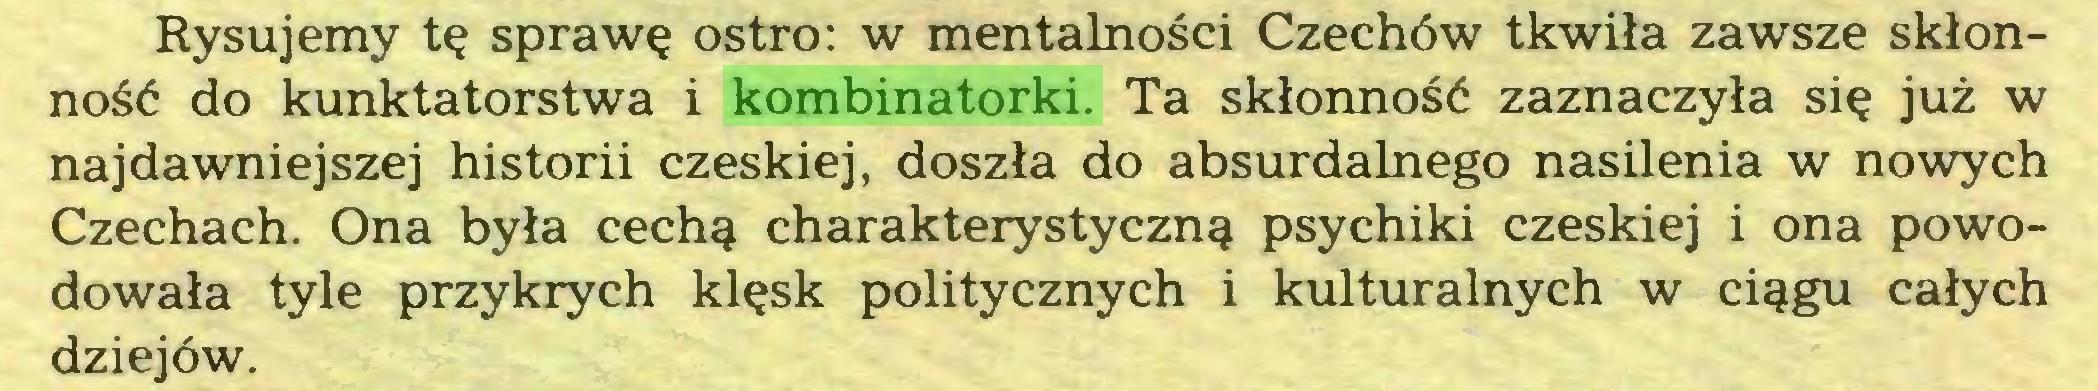 (...) Rysujemy tę sprawę ostro: w mentalności Czechów tkwiła zawsze skłonność do kunktatorstwa i kombinatorki. Ta skłonność zaznaczyła się już w najdawniejszej historii czeskiej, doszła do absurdalnego nasilenia w nowych Czechach. Ona była cechą charakterystyczną psychiki czeskiej i ona powodowała tyle przykrych klęsk politycznych i kulturalnych w ciągu całych dziejów...